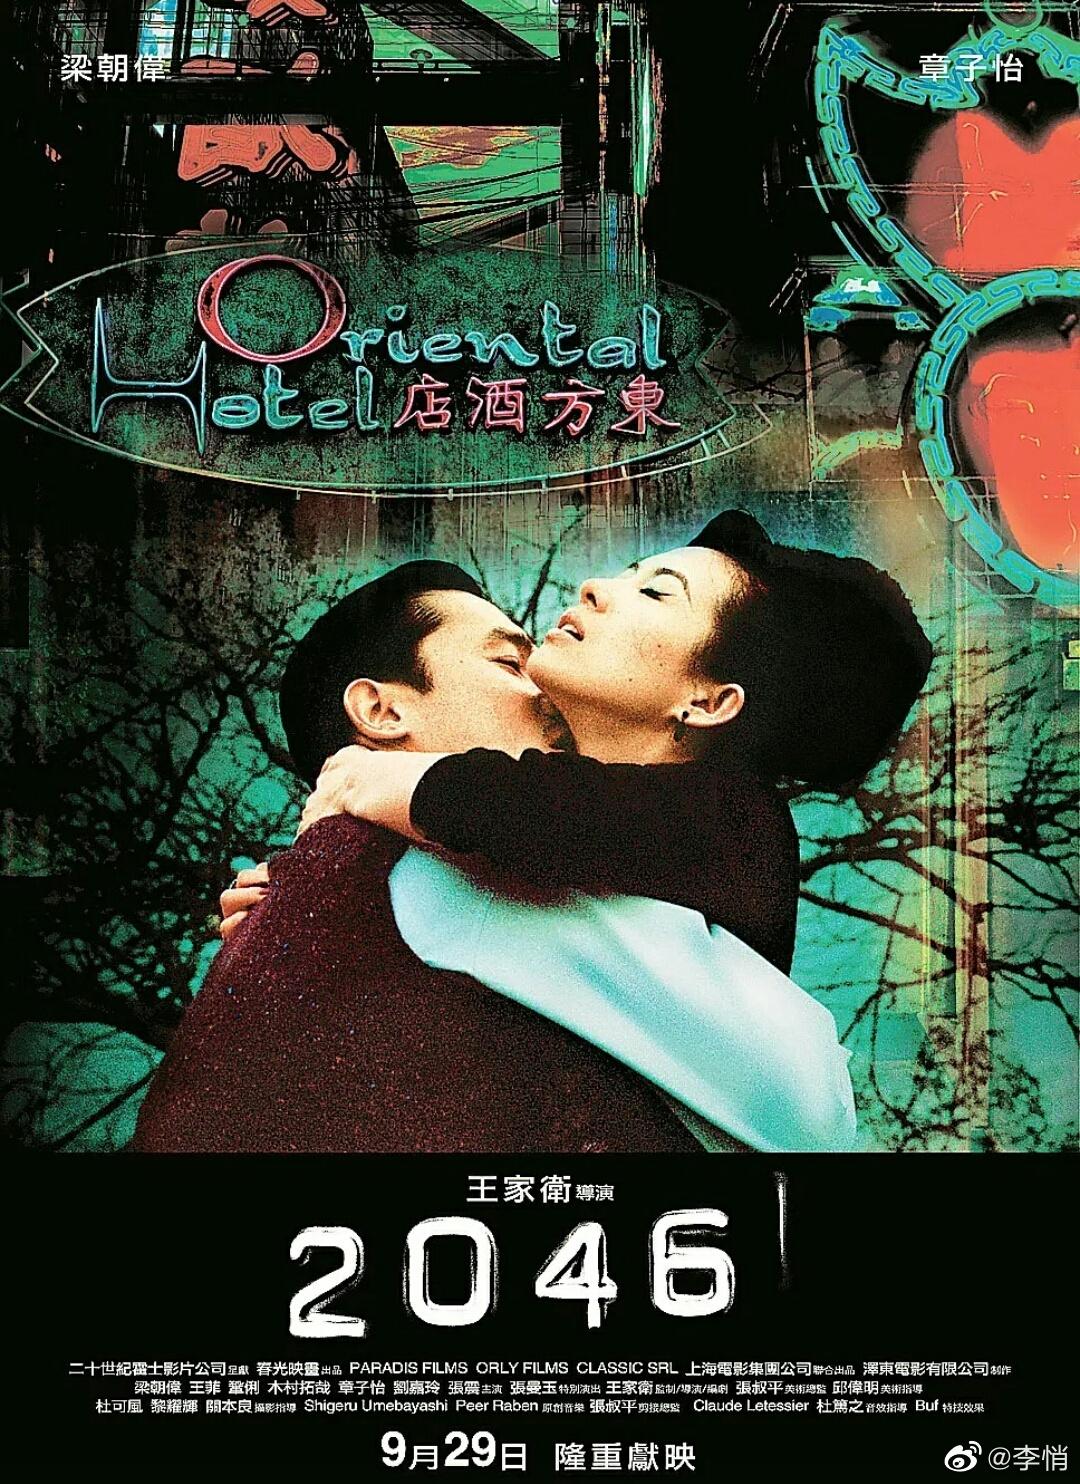 影视资讯微聊电影电影《2046》...